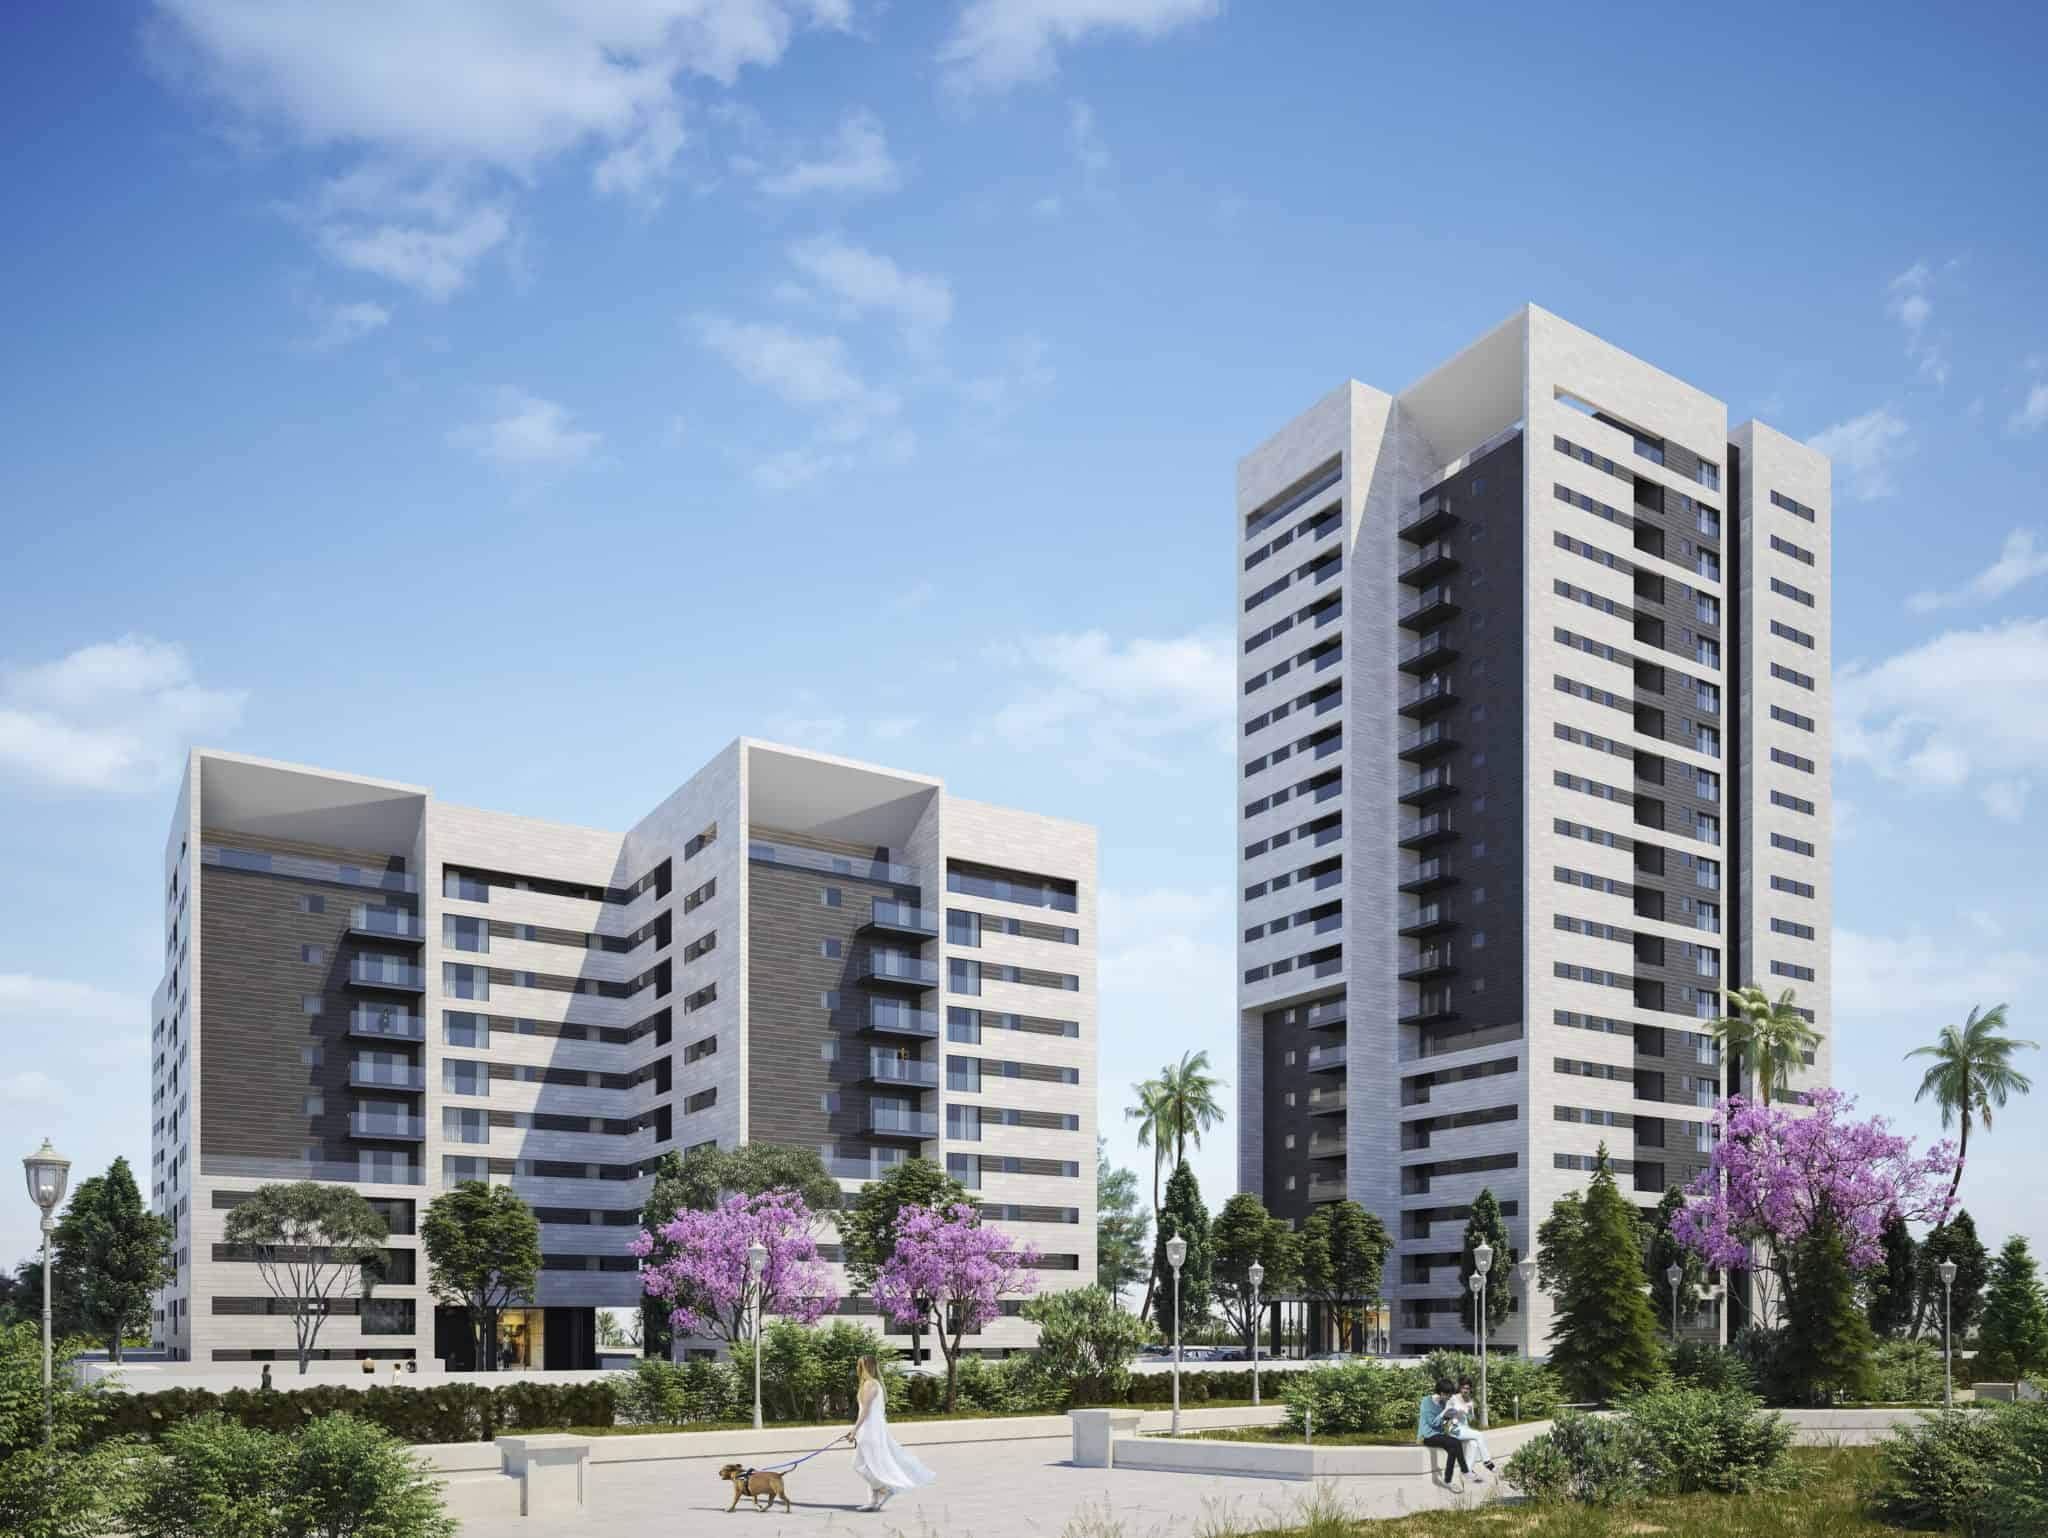 חיפה: החלו עבודות הבנייה בפרויקט המגורים החדש בקריית אליעזר